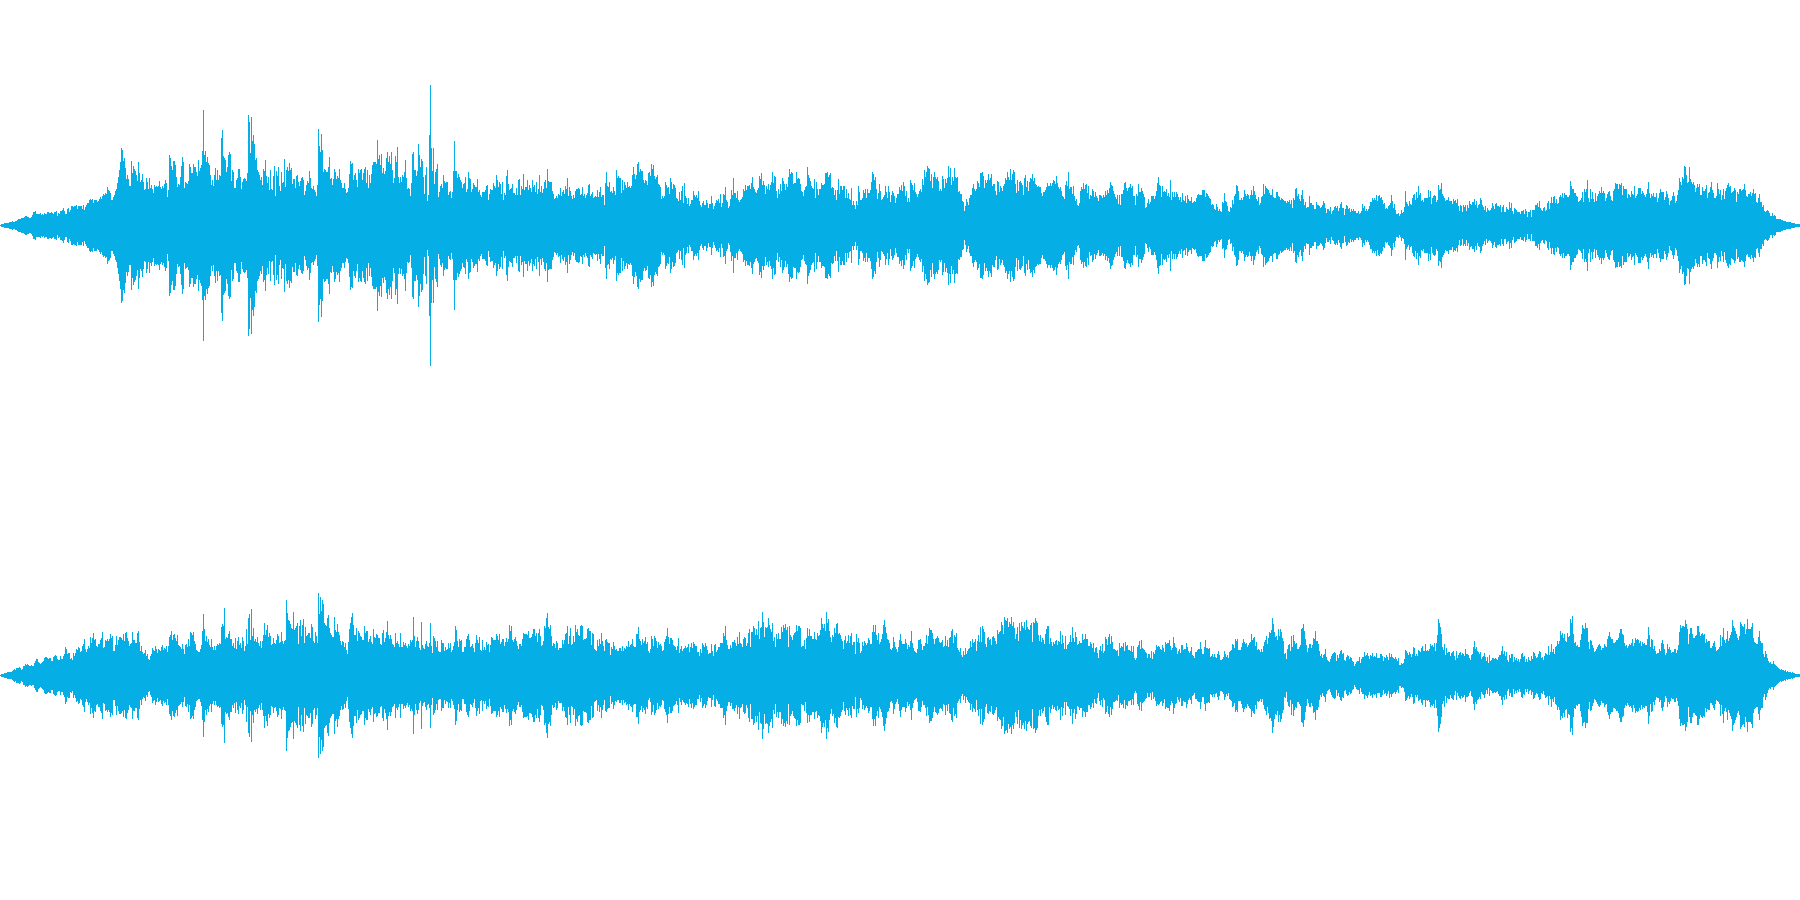 アンビエントの宇宙を感じさせるヒーリングの再生済みの波形